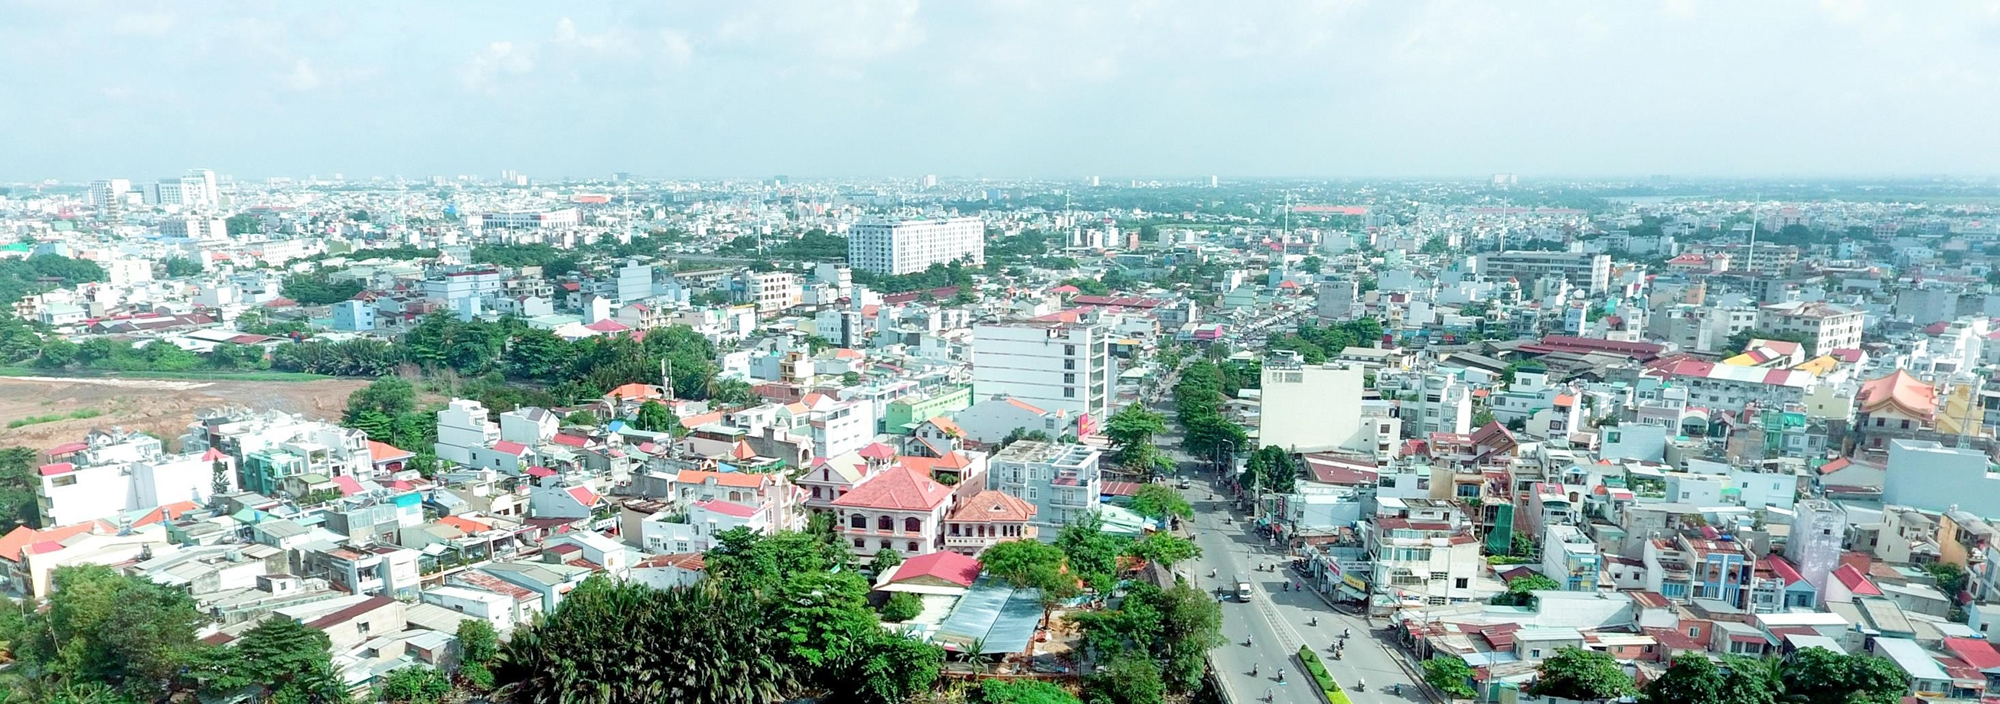 can-ho-richmond-city-huong-nguyen-xi